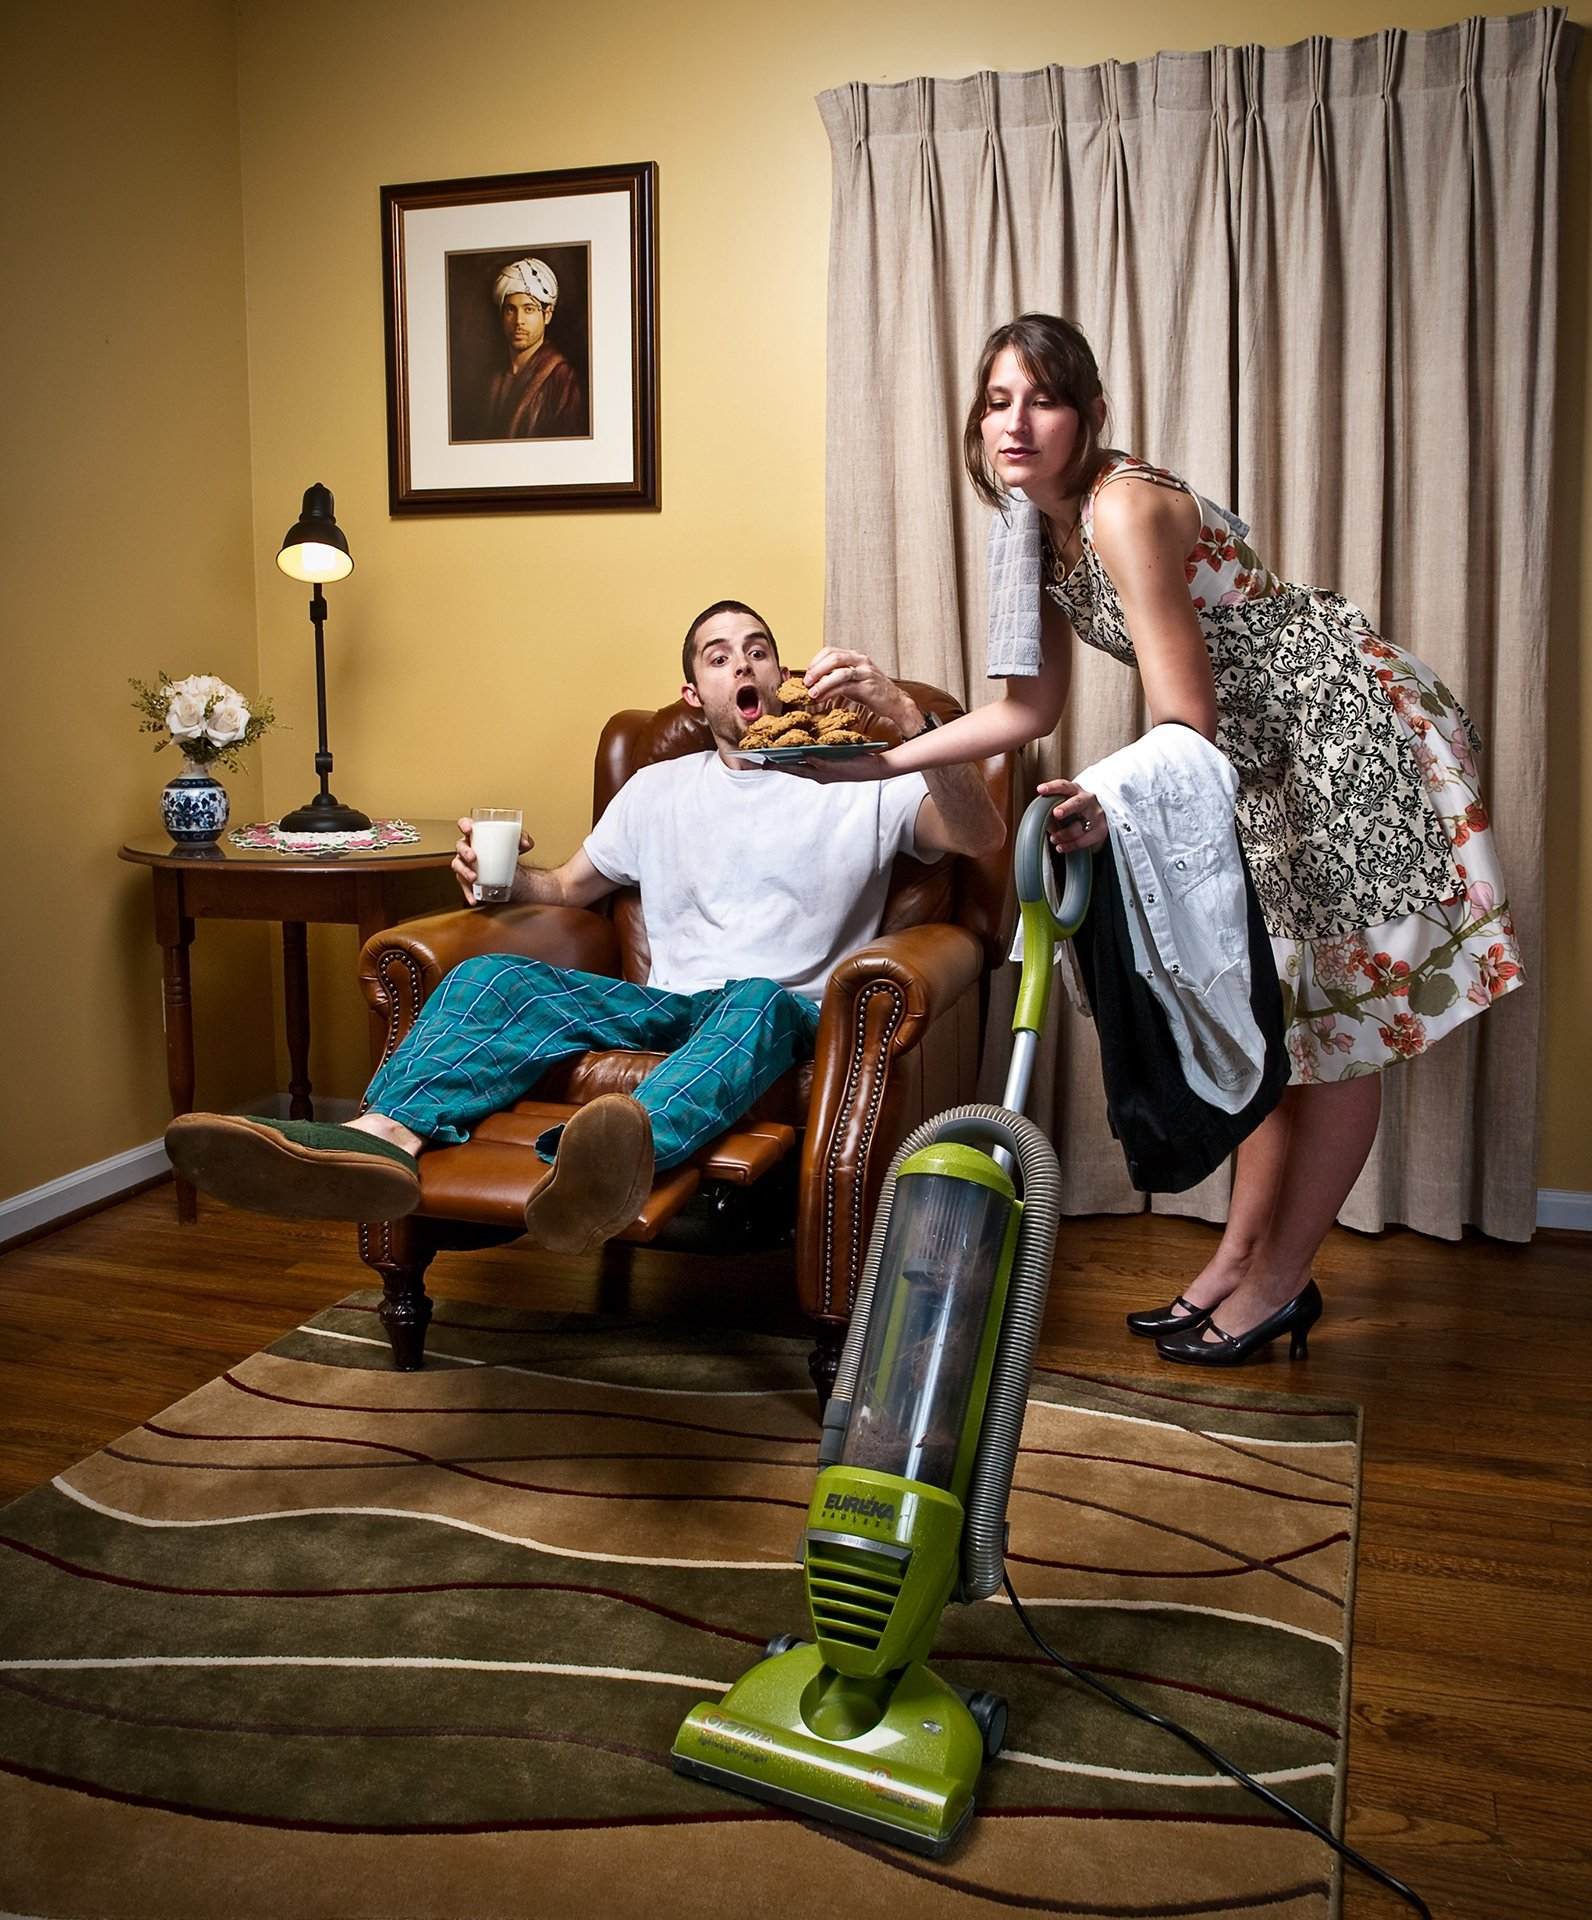 понравилась когда жена дома остается одна туземцы устраивали пошлые